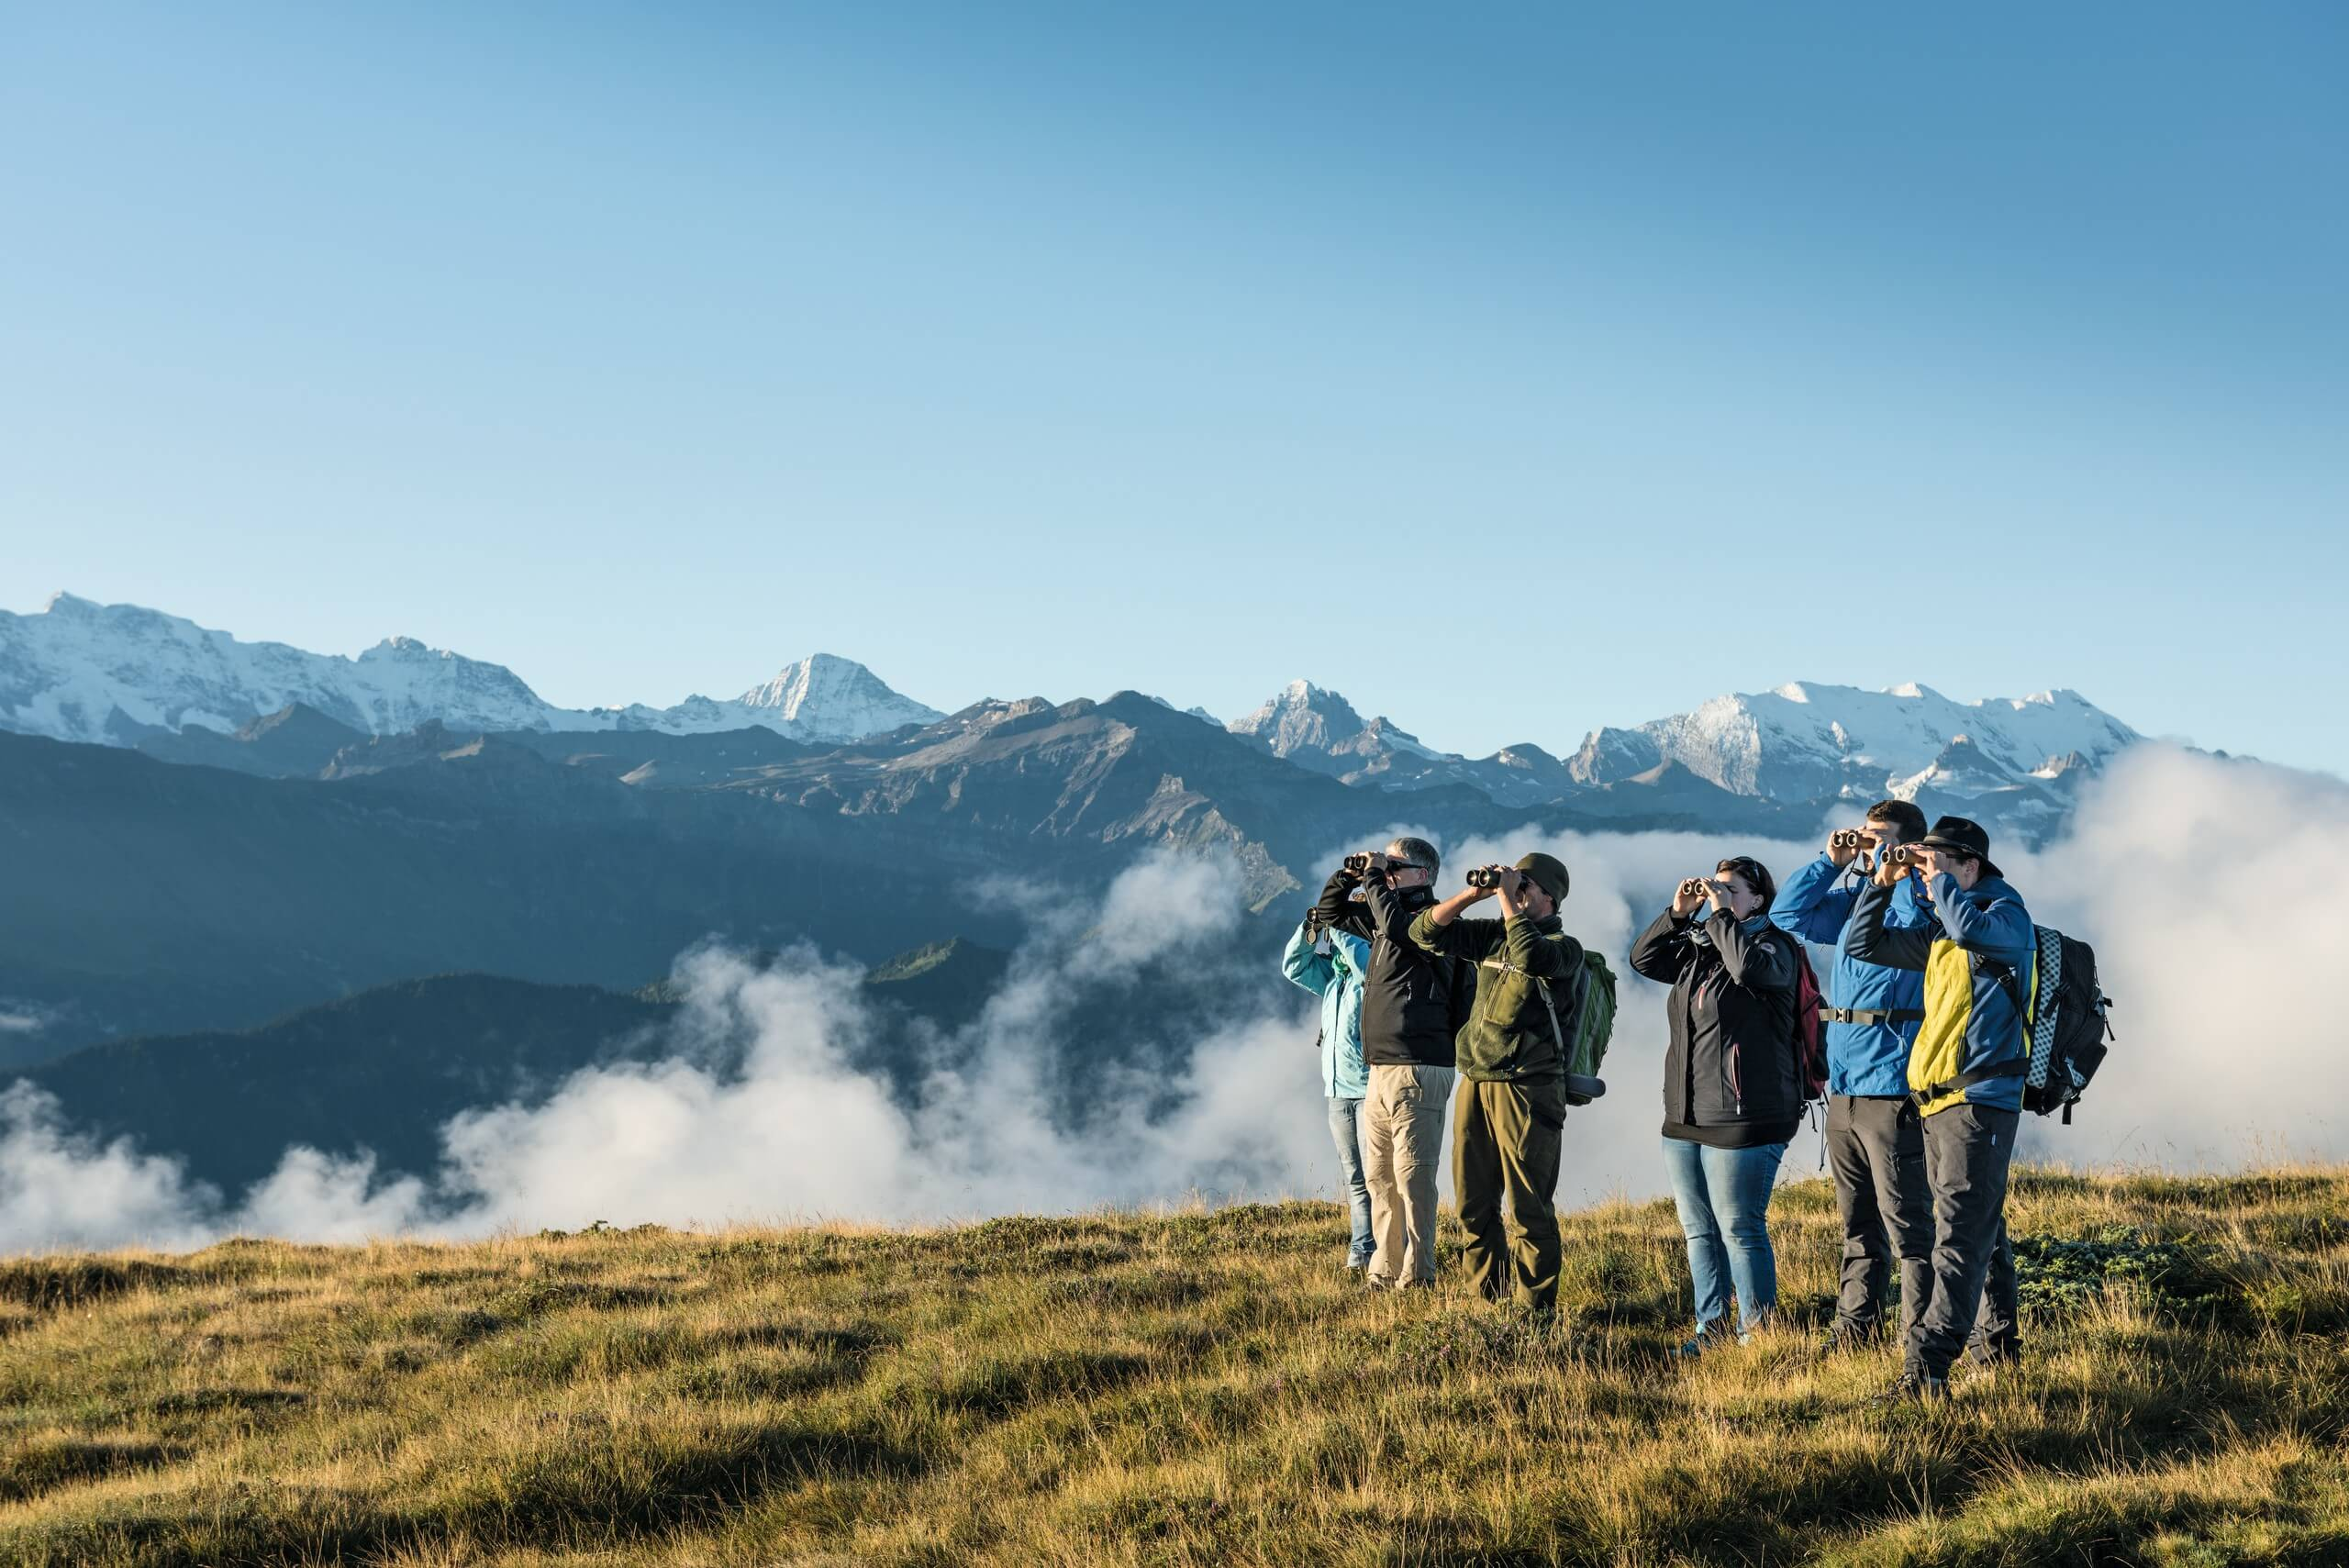 niederhorn-wildbeobachtungen-herbst-gruppe-panorama